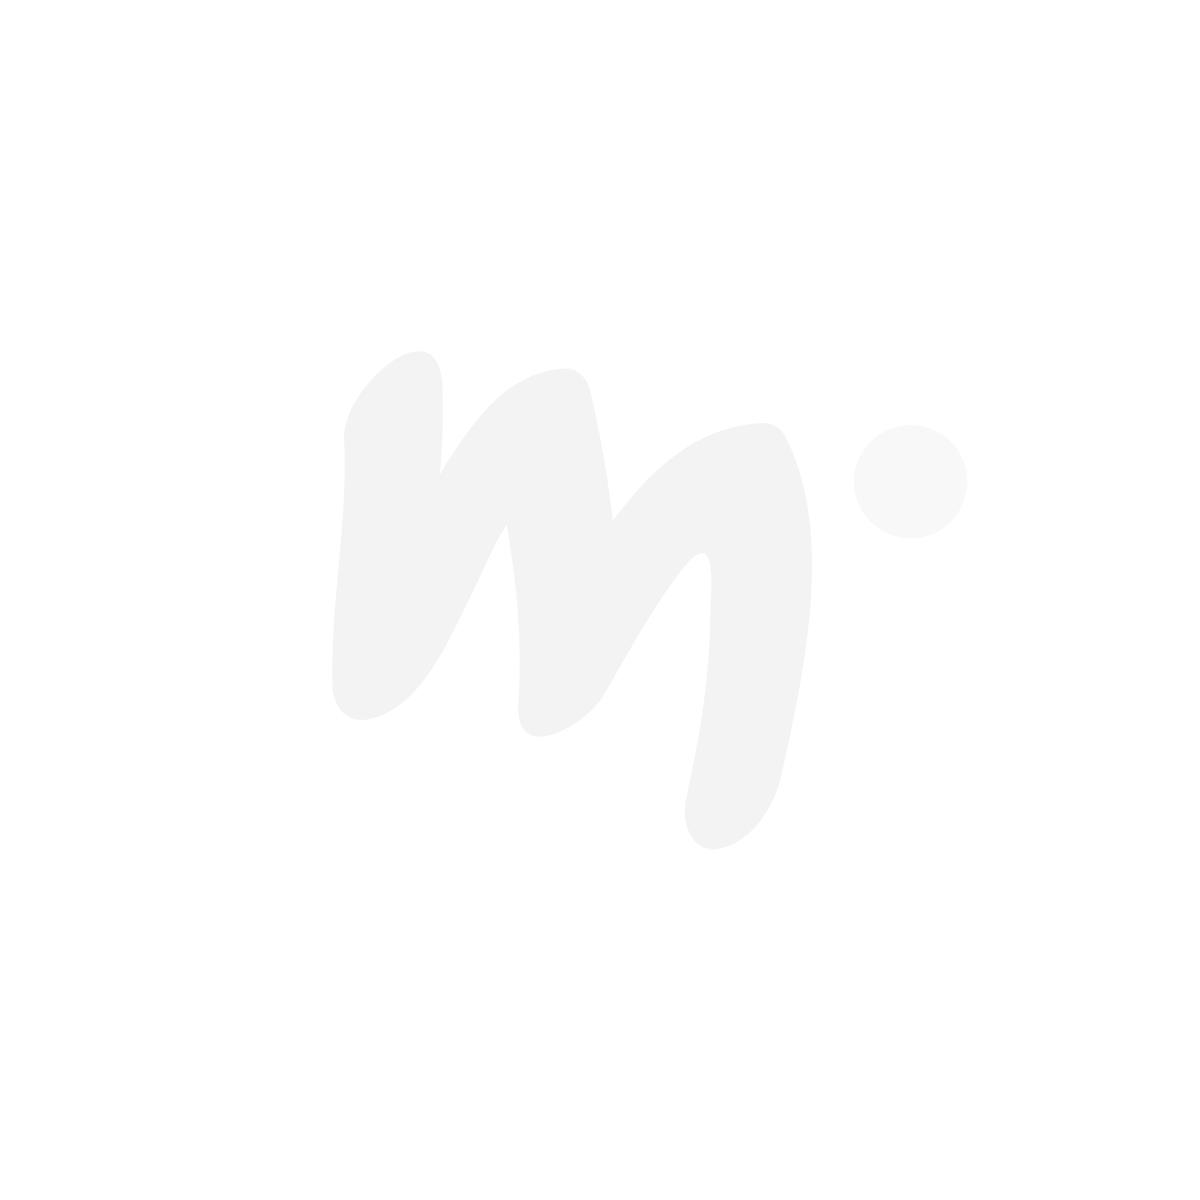 Martinex Talitintti-peltipurkki pyöreä